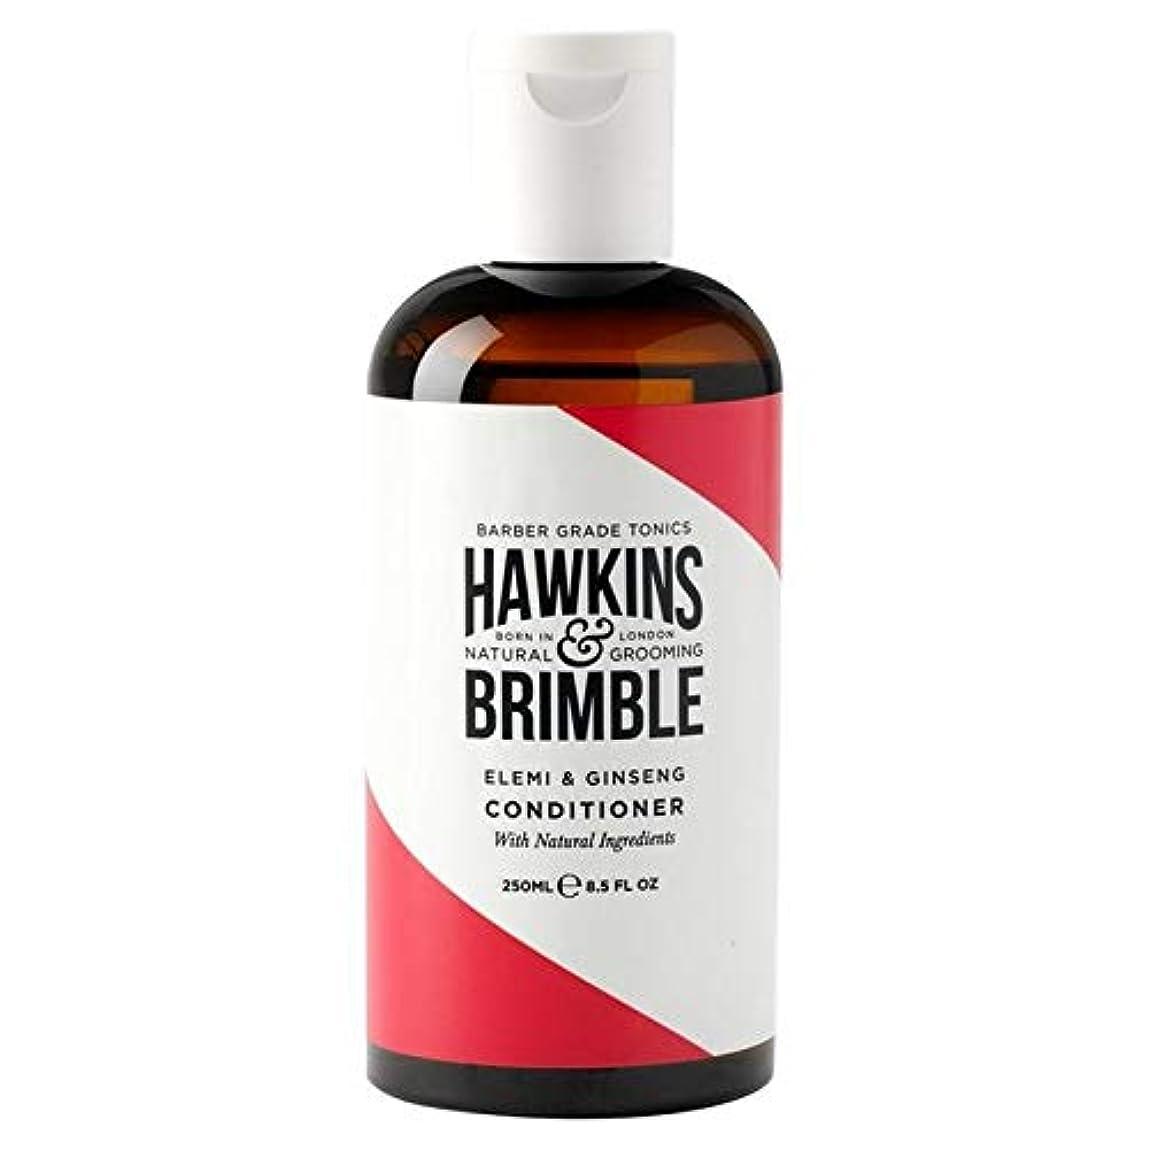 奨励しますバリケード細断[Hawkins & Brimble] ホーキンス&Brimbleナチュラルコンディショナー250Ml - Hawkins & Brimble Natural Conditioner 250ml [並行輸入品]